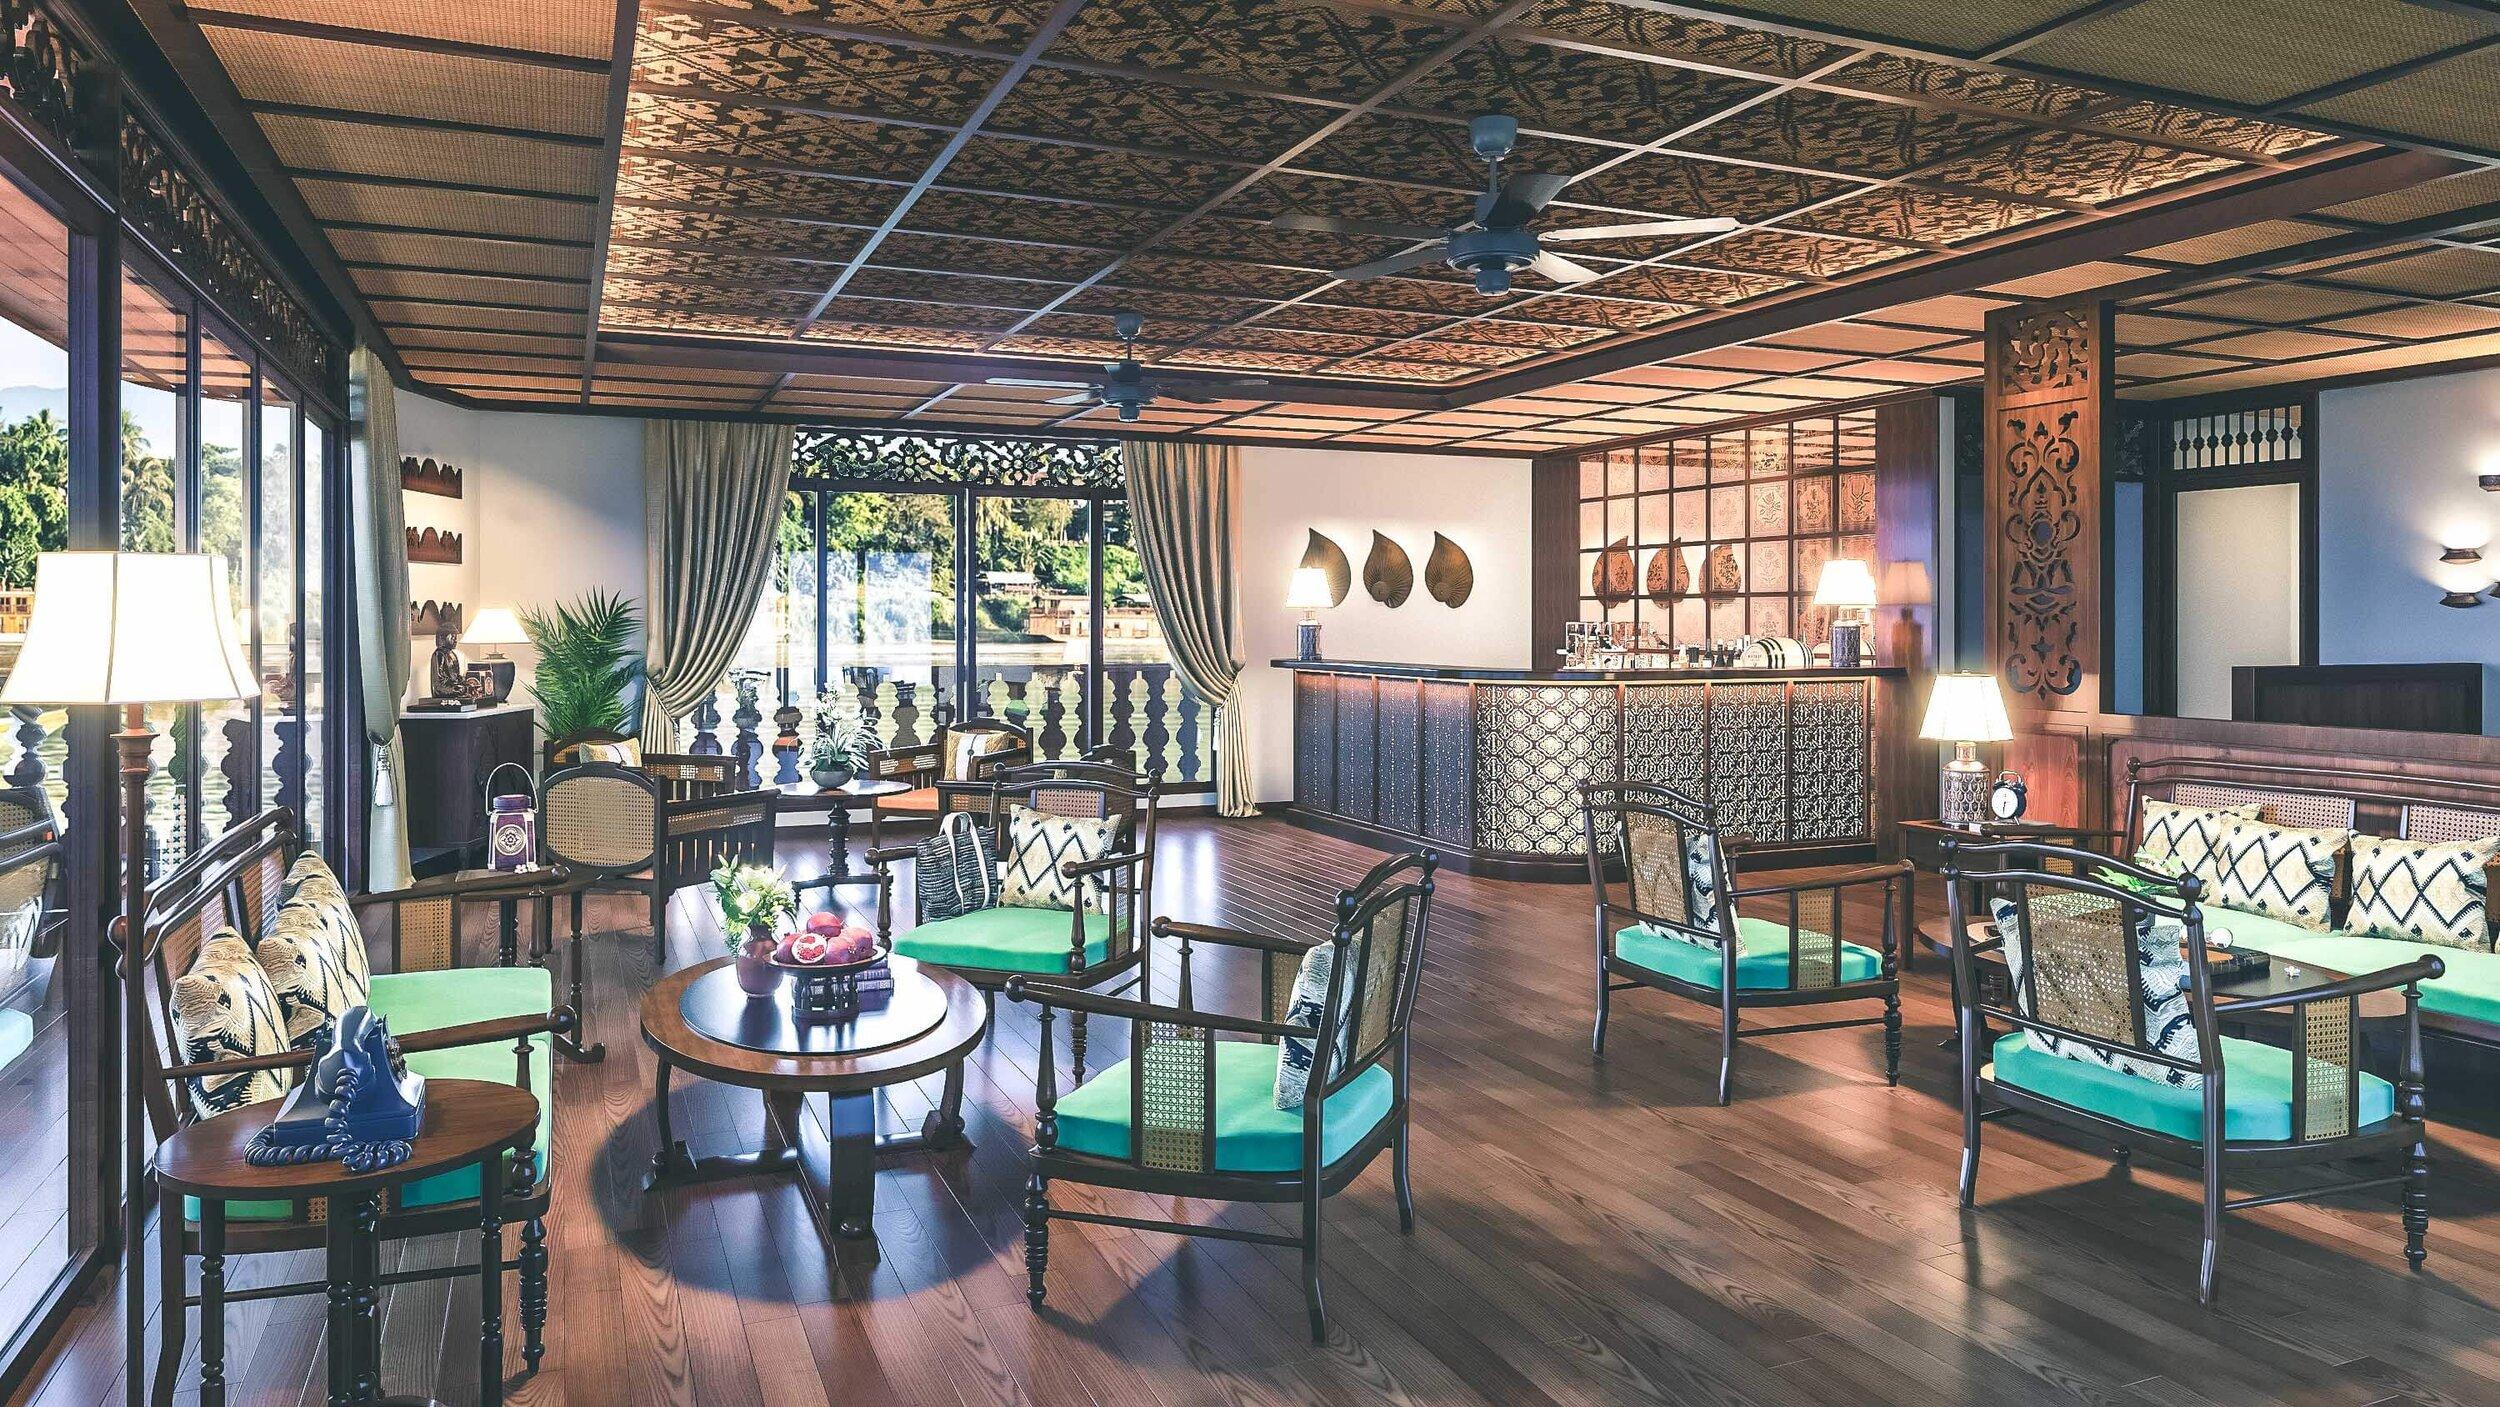 Heritage Line - Upper Mekong - Anouvong - Cafe-Bar Lounge 1 - LR.jpg